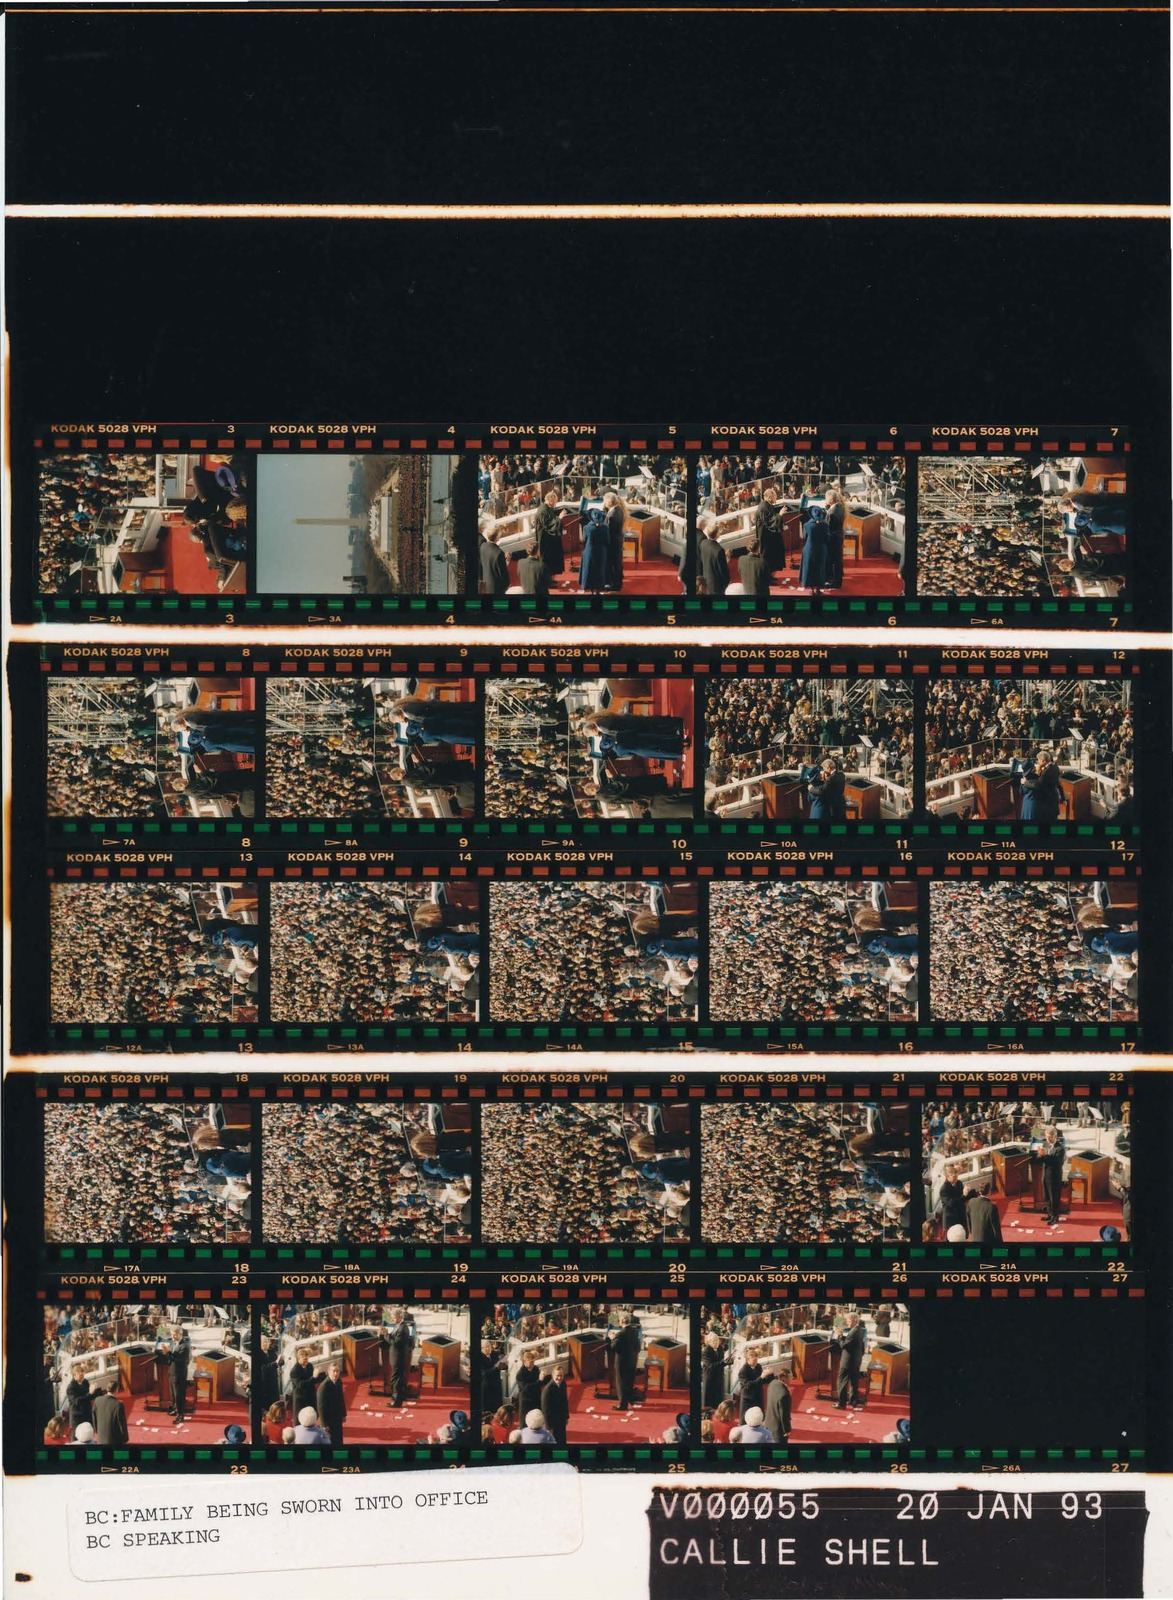 V000055, January 20, 1993